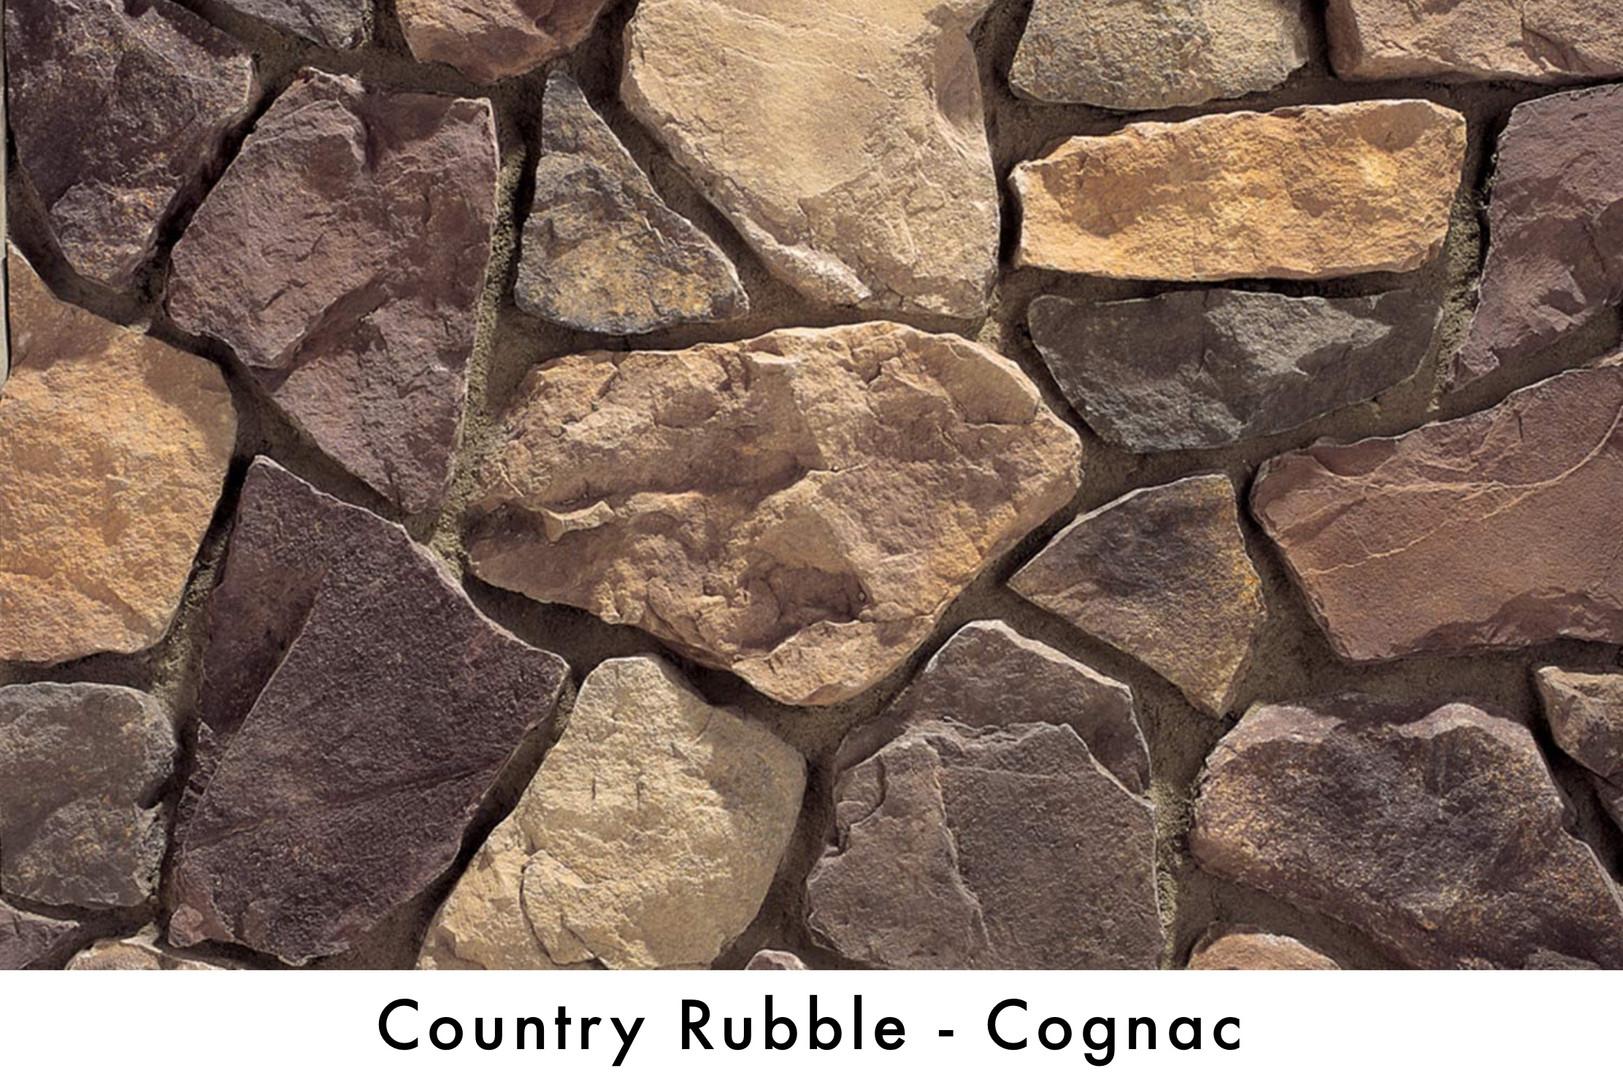 Country Rubble - Cognac